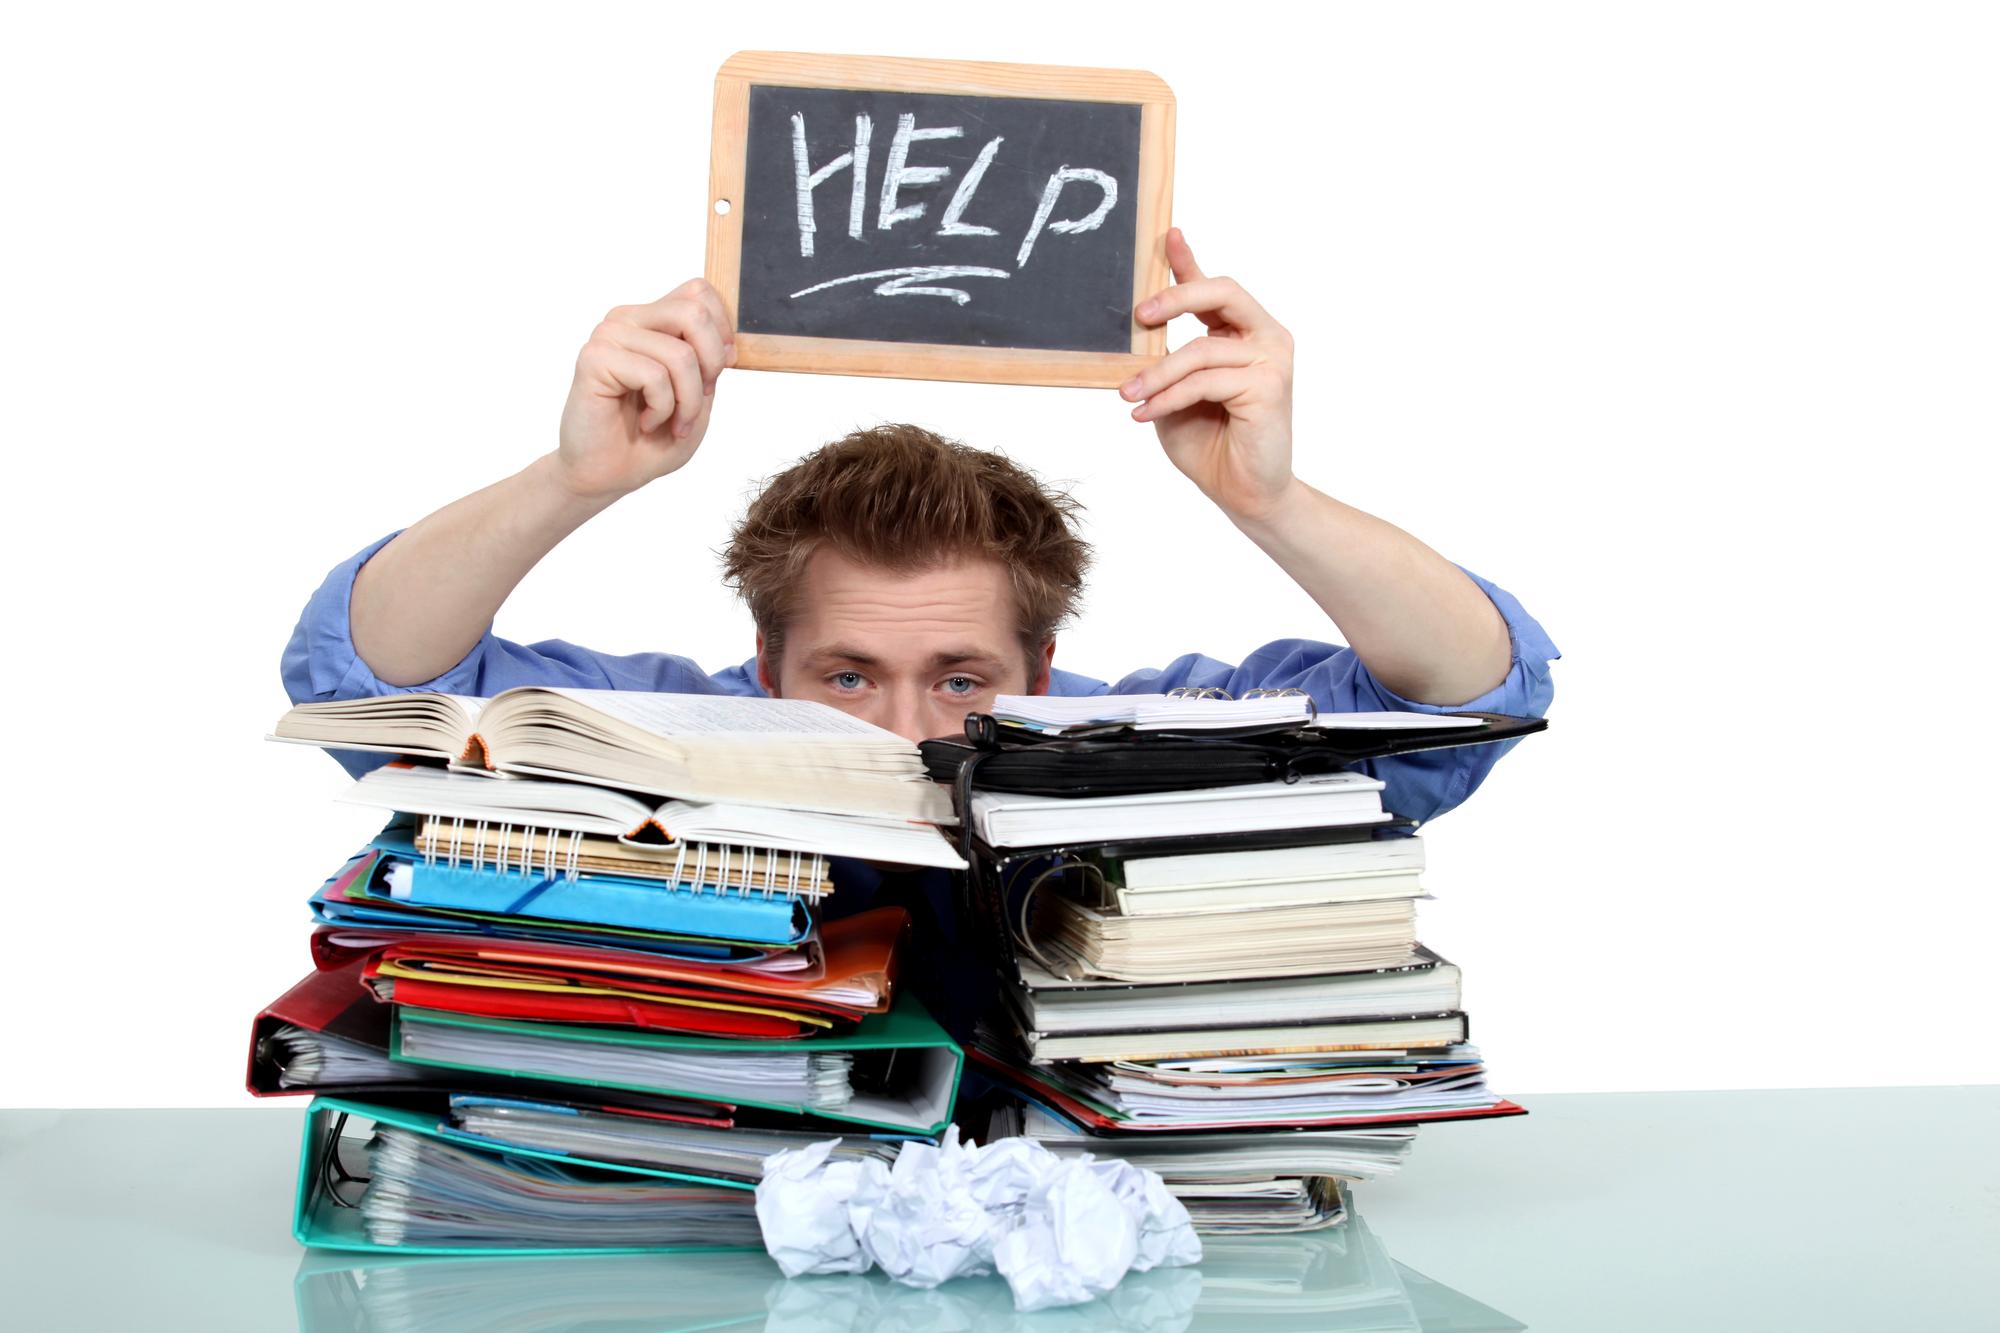 Про, смешные картинки для студентов пишущих диплом